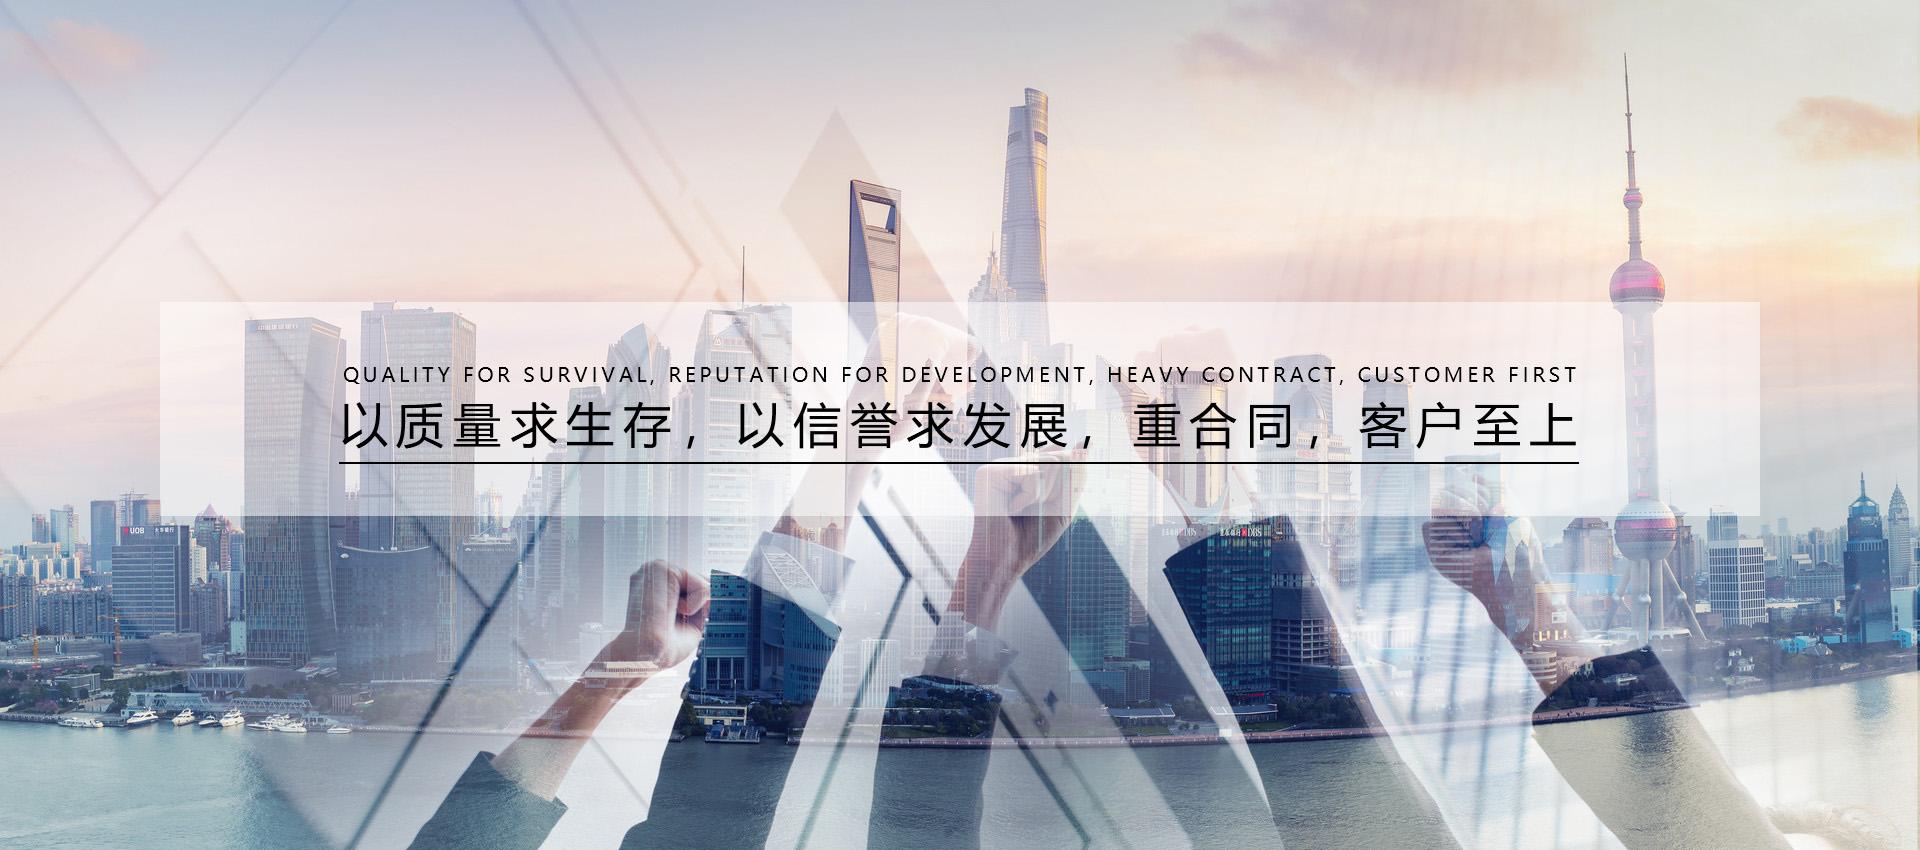 抗震(zhen)支架(jia)